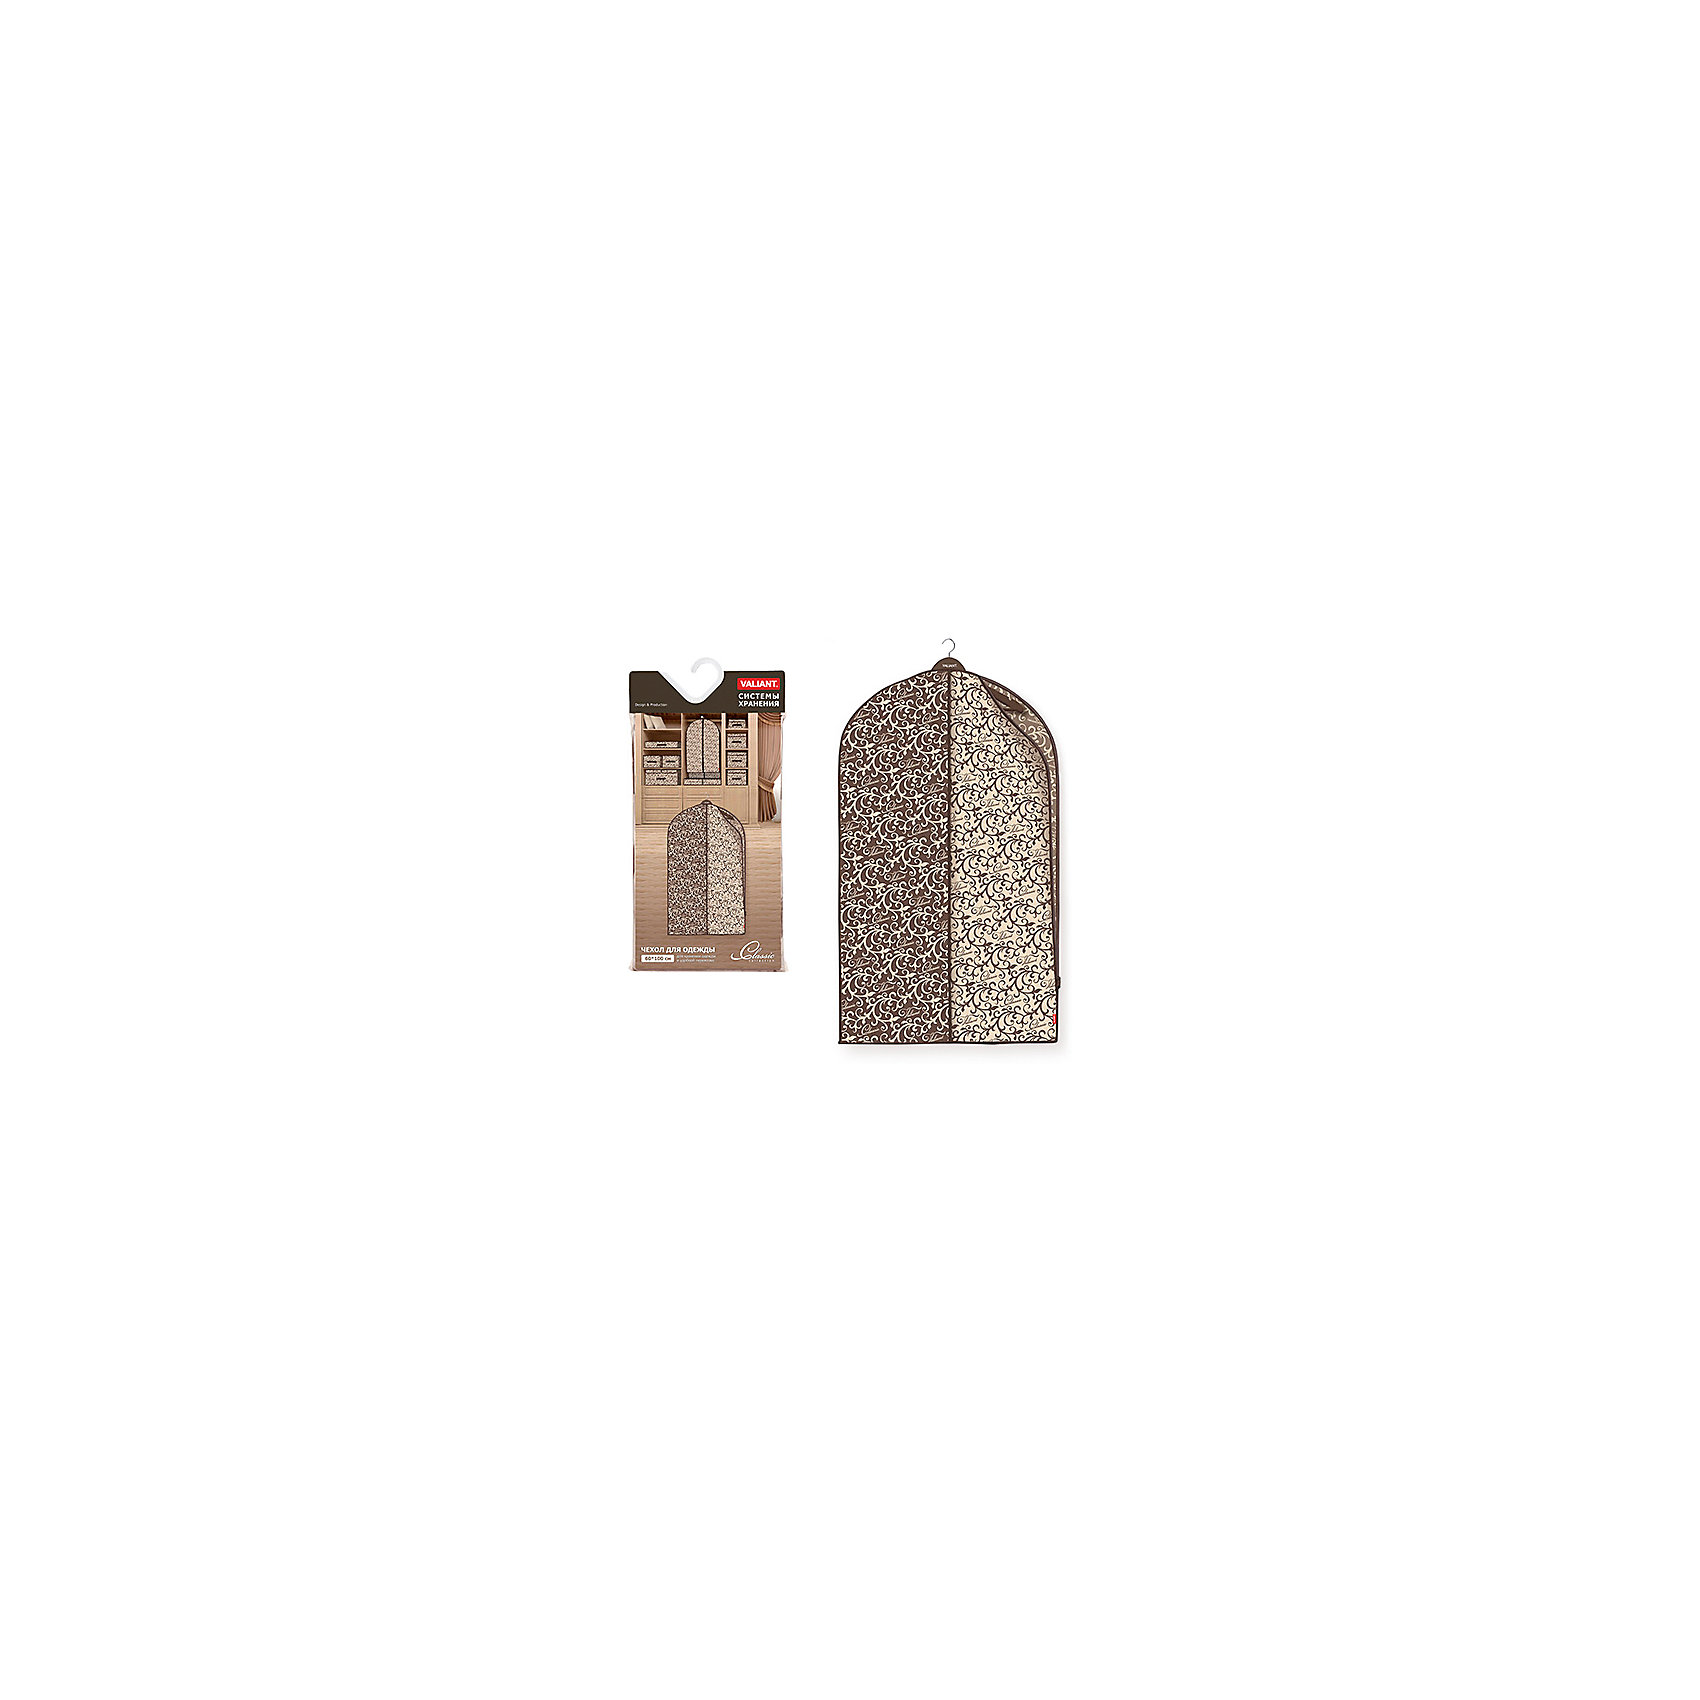 Чехол для одежды с боковой молнией, малый, 60*100 см, CLASSIC, ValiantПорядок в детской<br>Чехол для одежды с боковой молнией, малый, 60*100 см, CLASSIC, Valiant (Валиант) – это эстетичное решение для хранения одежды.<br>Чехол для одежды CLASSIC от Valiant (Валиант) разработан специально для хранения короткой верхней одежды: шуб, дубленок, пуховиков, пальто, плащей, костюмов и платьев. Он изготовлен из высококачественного нетканого материала, который обеспечивает естественную вентиляцию, позволяя воздуху проникать внутрь, но не пропускает пыль. Чехол предотвращает сминания вещей. Чехол с боковой застежкой-молнией легко открывается и закрывается. Идеально подойдет для транспортировки и хранения одежды. Изысканный дизайн чехла придется по вкусу ценителям классического стиля. Специально для CLASSIC Collection дизайнеры Valiant (Валиант) разработали фирменный классический вензель. Изысканный узор, гармония изящных линий, благородное сочетание цветов составляет основу элегантного дизайна CLASSIC Collection. Чехол для одежды CLASSIC от Valiant (Валиант) гармонично вписывается в современный классический гардероб.<br><br>Дополнительная информация:<br><br>- Размер: 60х100 см.<br>- Материал: нетканый материал<br>- Цвет: коричневый, бежевый<br><br>Чехол для одежды с боковой молнией, малый, 60*100 см, CLASSIC, Valiant (Валиант) можно купить в нашем интернет-магазине.<br><br>Ширина мм: 205<br>Глубина мм: 20<br>Высота мм: 430<br>Вес г: 189<br>Возраст от месяцев: 36<br>Возраст до месяцев: 1080<br>Пол: Унисекс<br>Возраст: Детский<br>SKU: 4993408